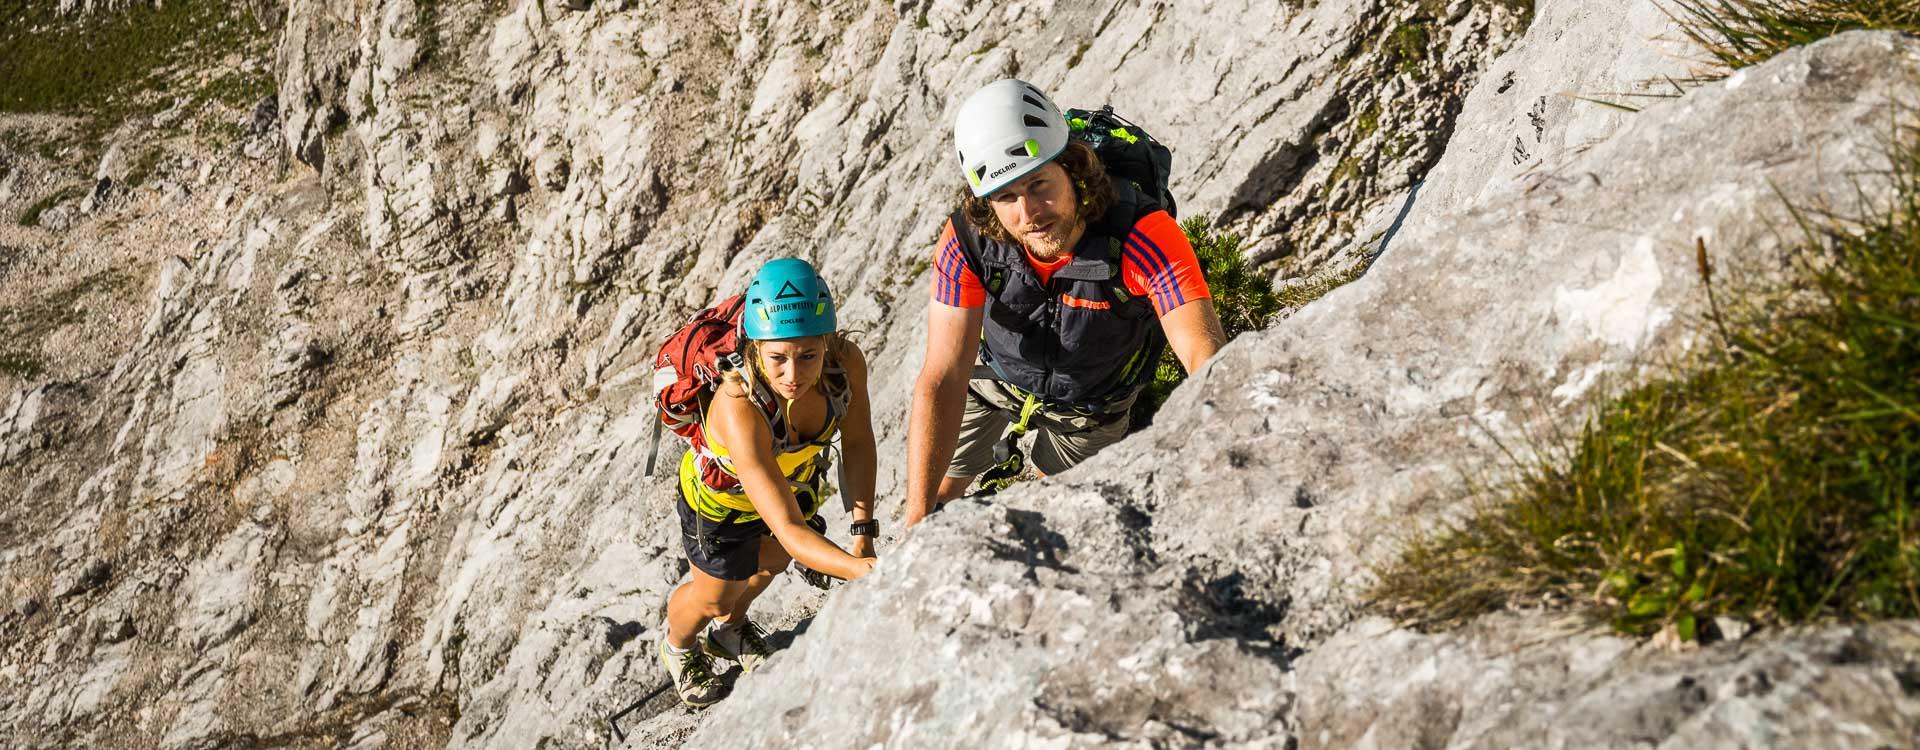 Klettersteigkurse und Fuehrungen